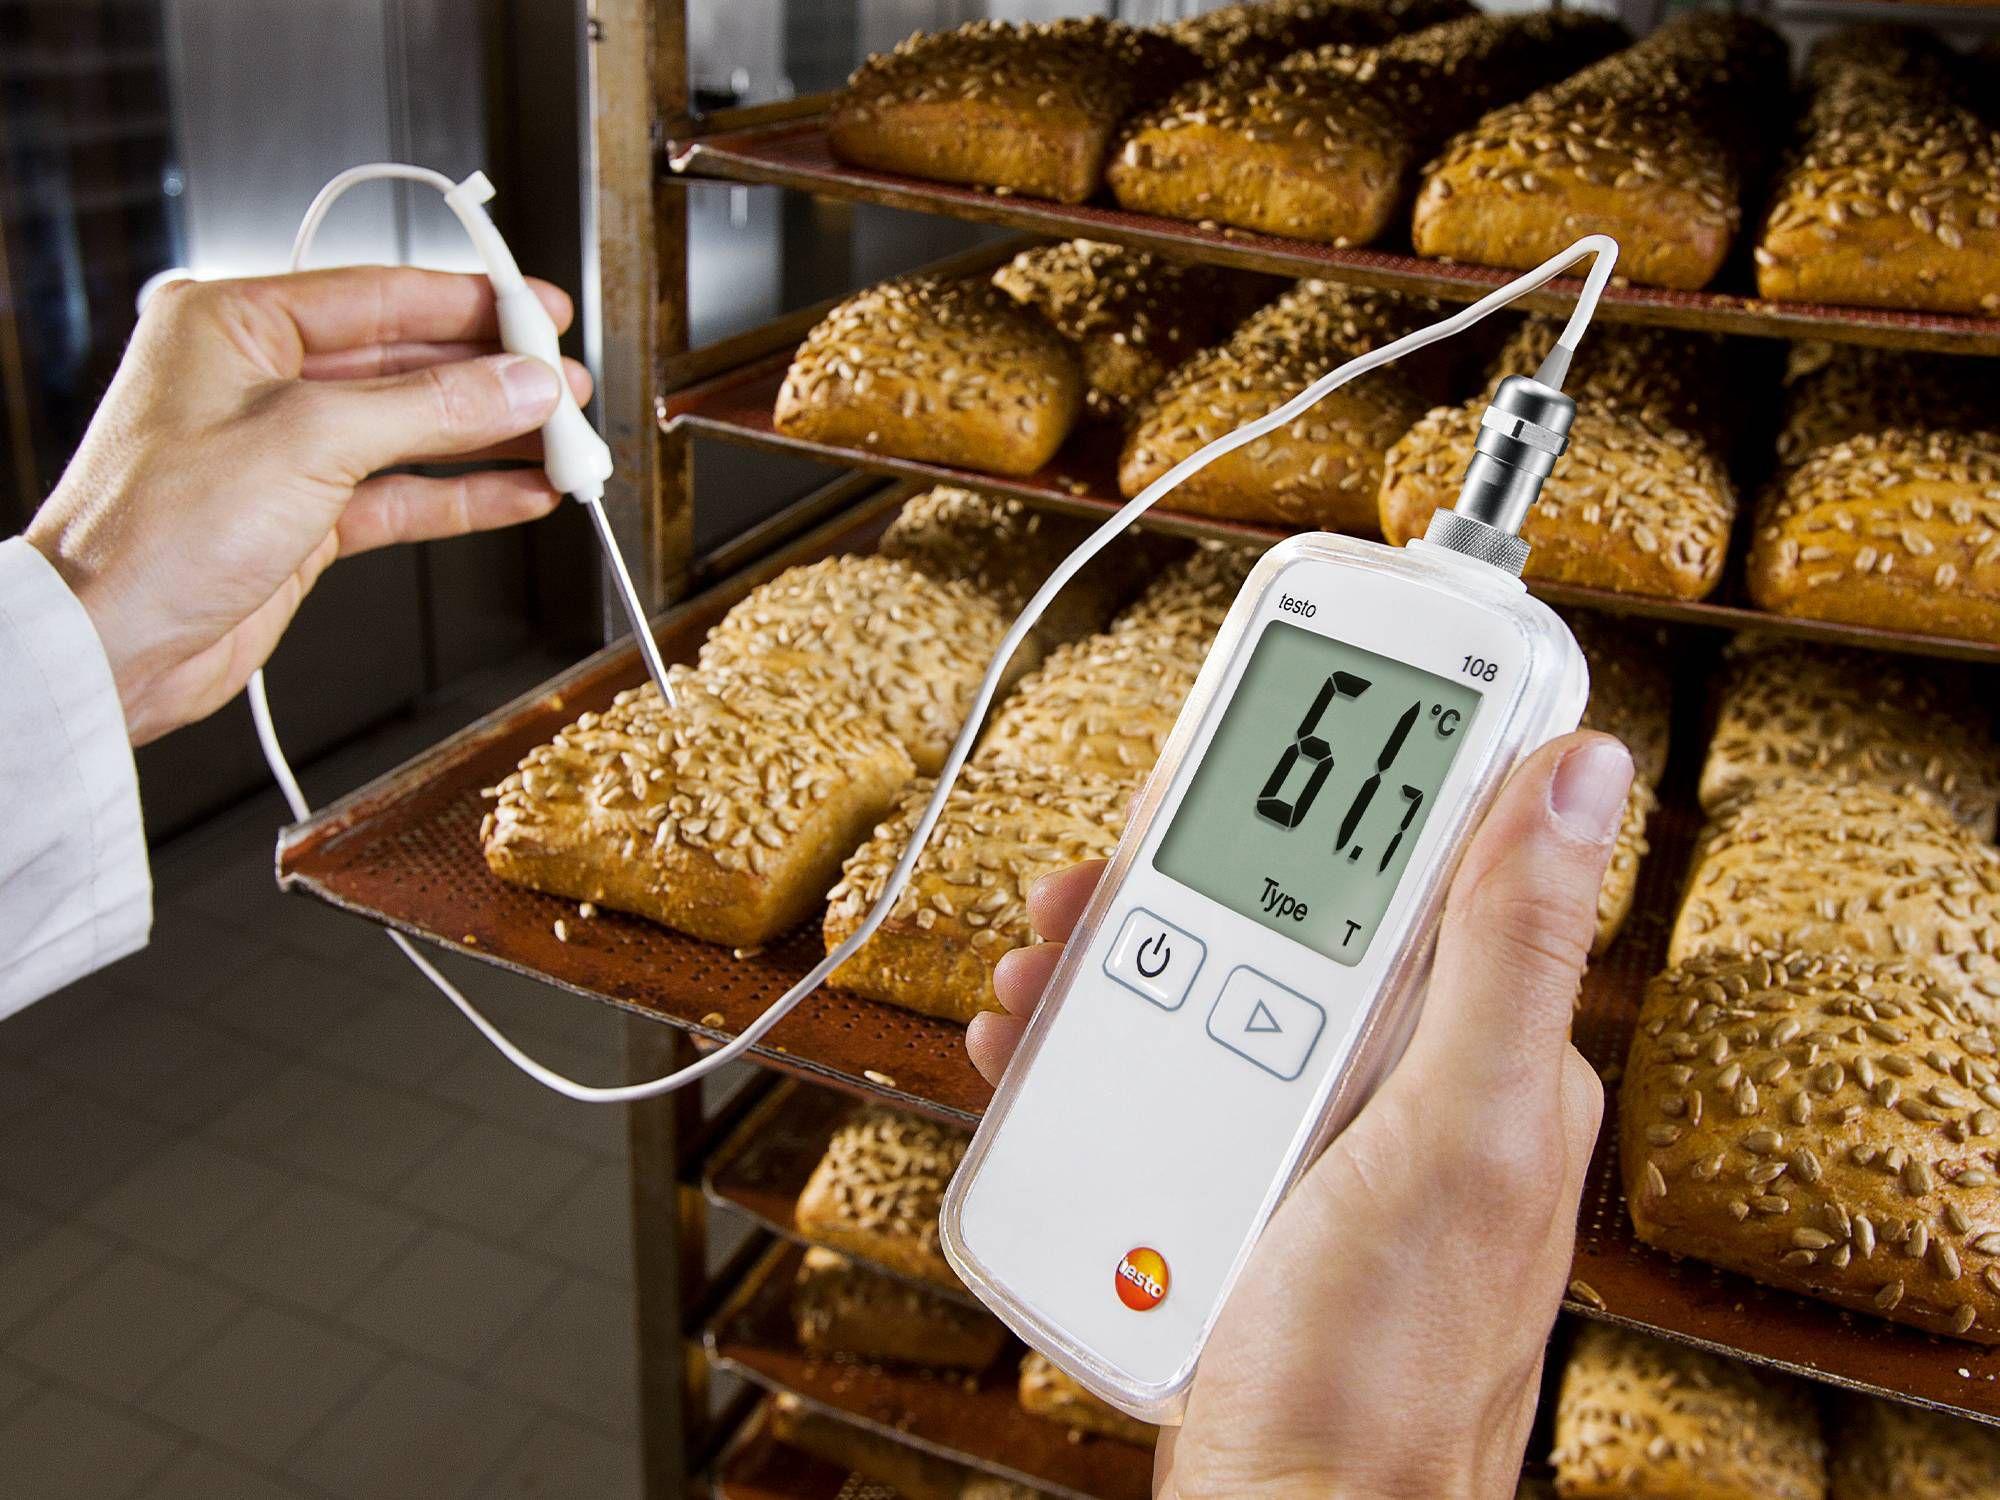 统食品生产领域的温度检查